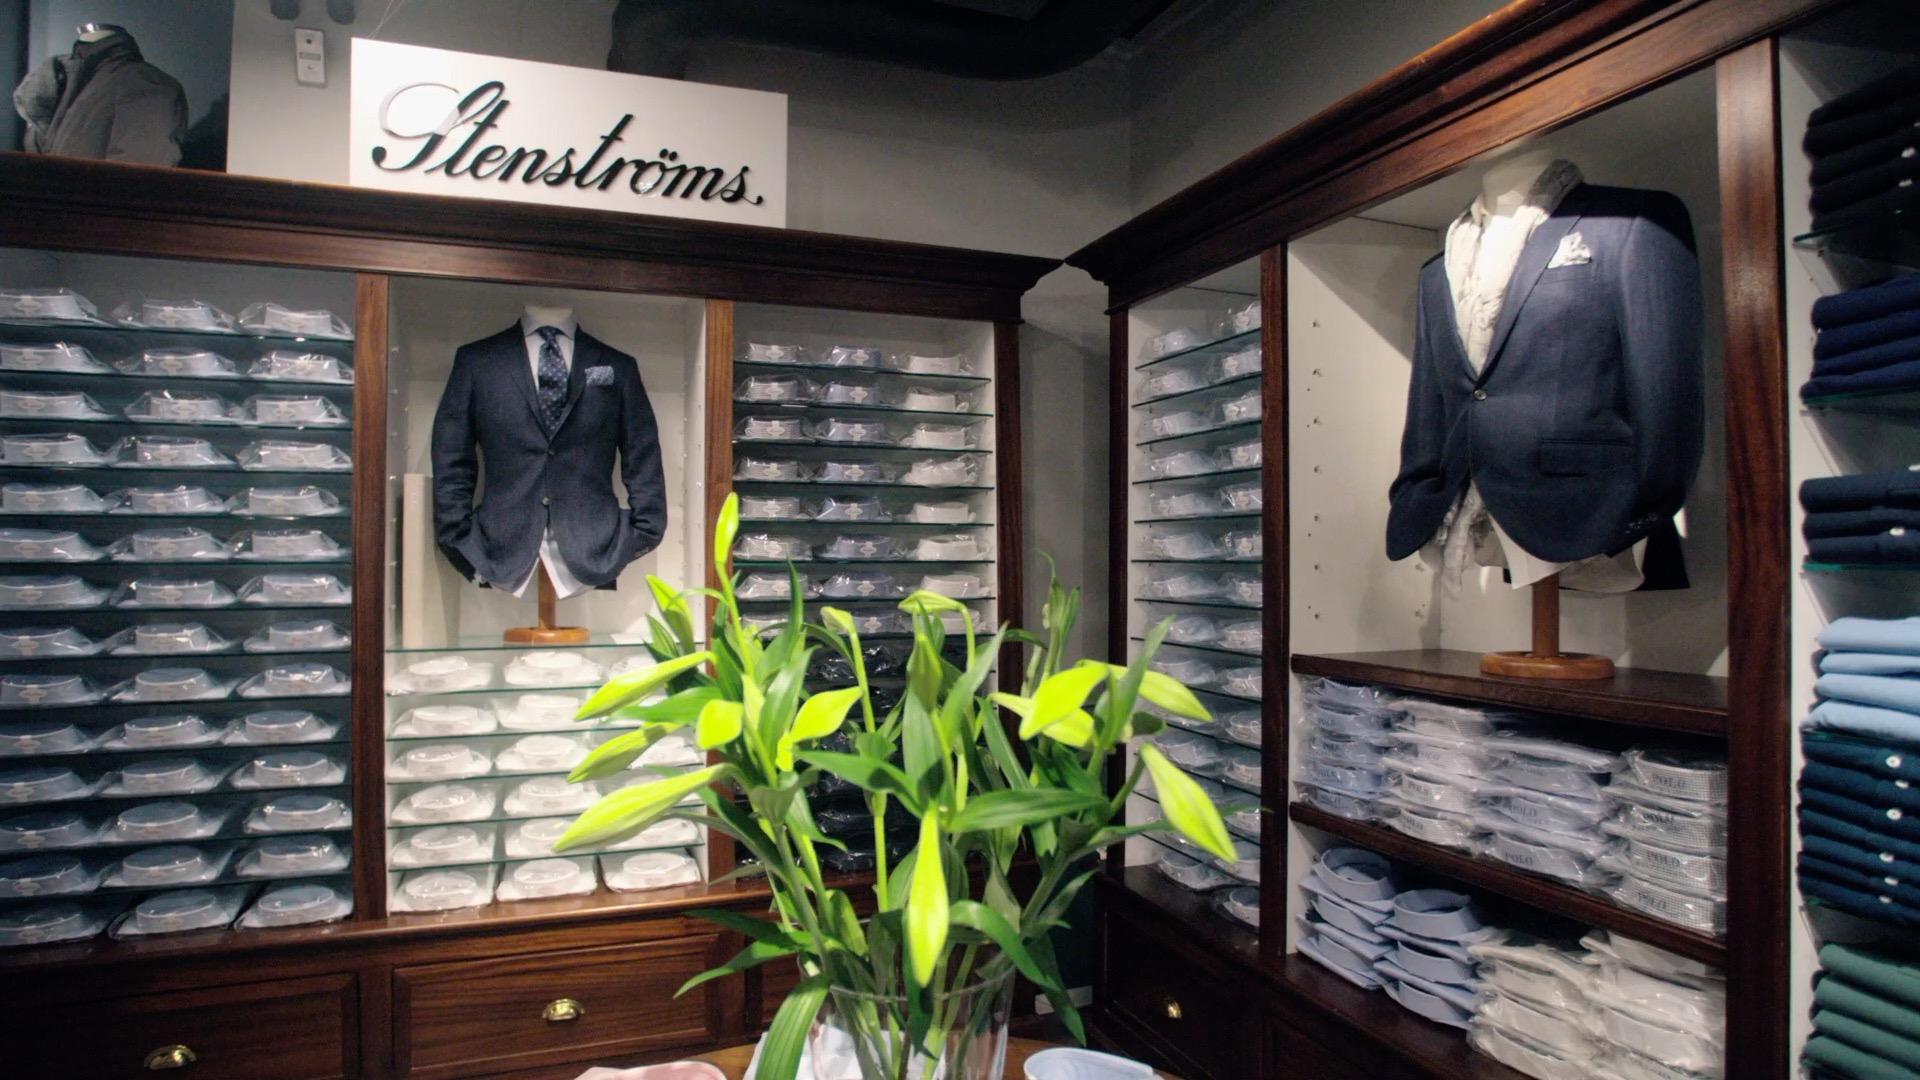 Stenstöms - Ett bredt utvalg av skjorter fra Stenstöms i både fitted body og slimline. Pique, gensere, skjerf og flere andre varegrupper fra Stenströms er nå i butikk.Nå tilbyr vi også målsøm på skjorter fra Stenströms. Få sydd skjorter etter dine ønsker.